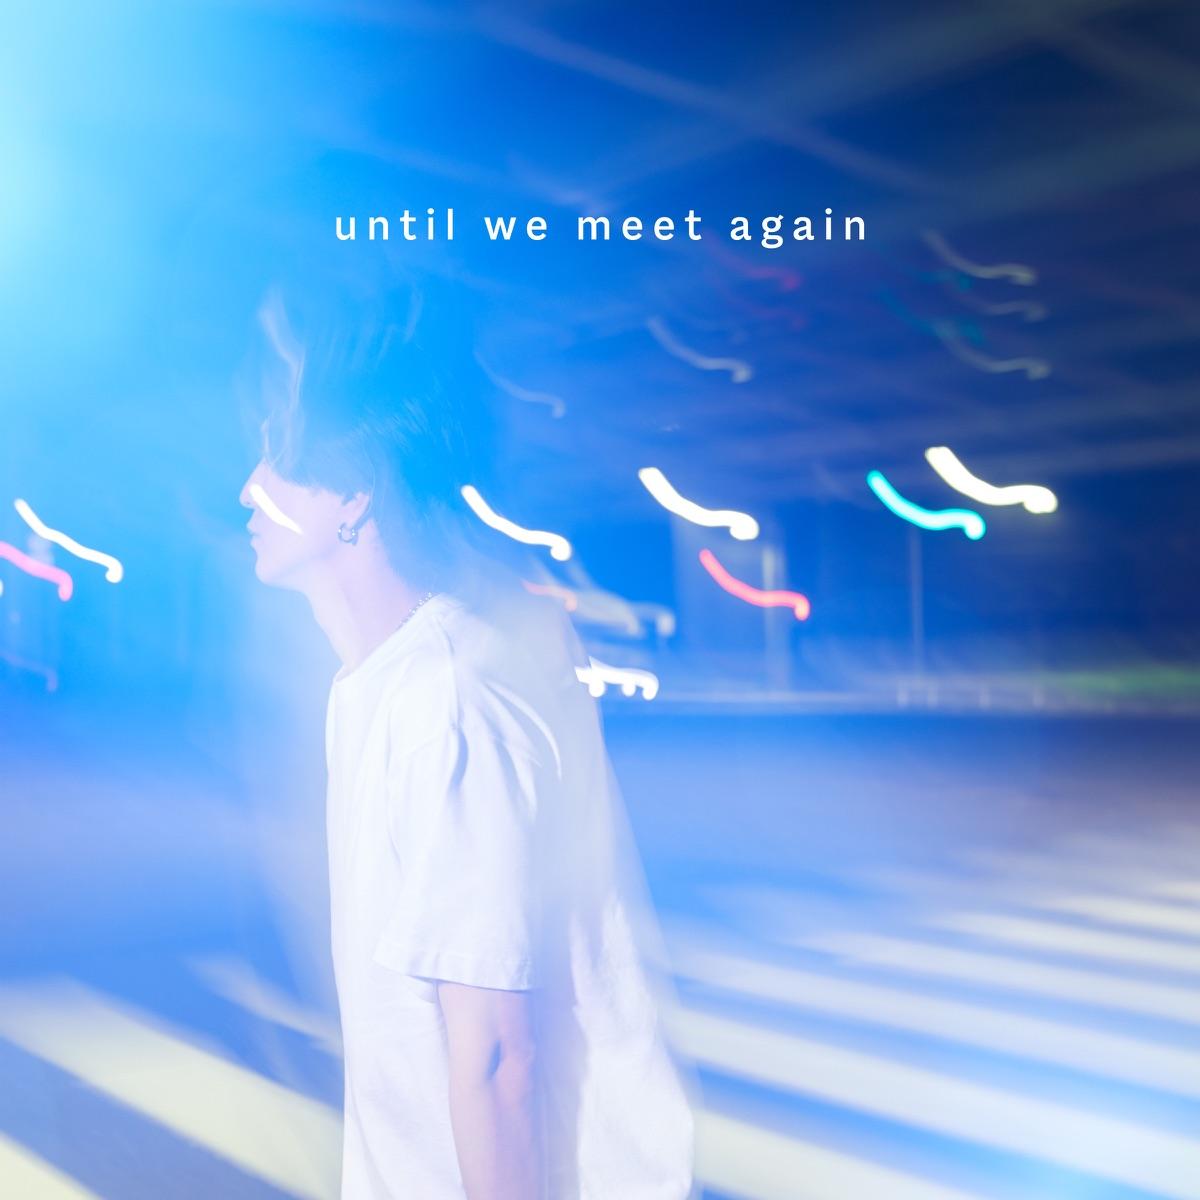 『浦田直也 - until we meet again』収録の『until we meet again』ジャケット